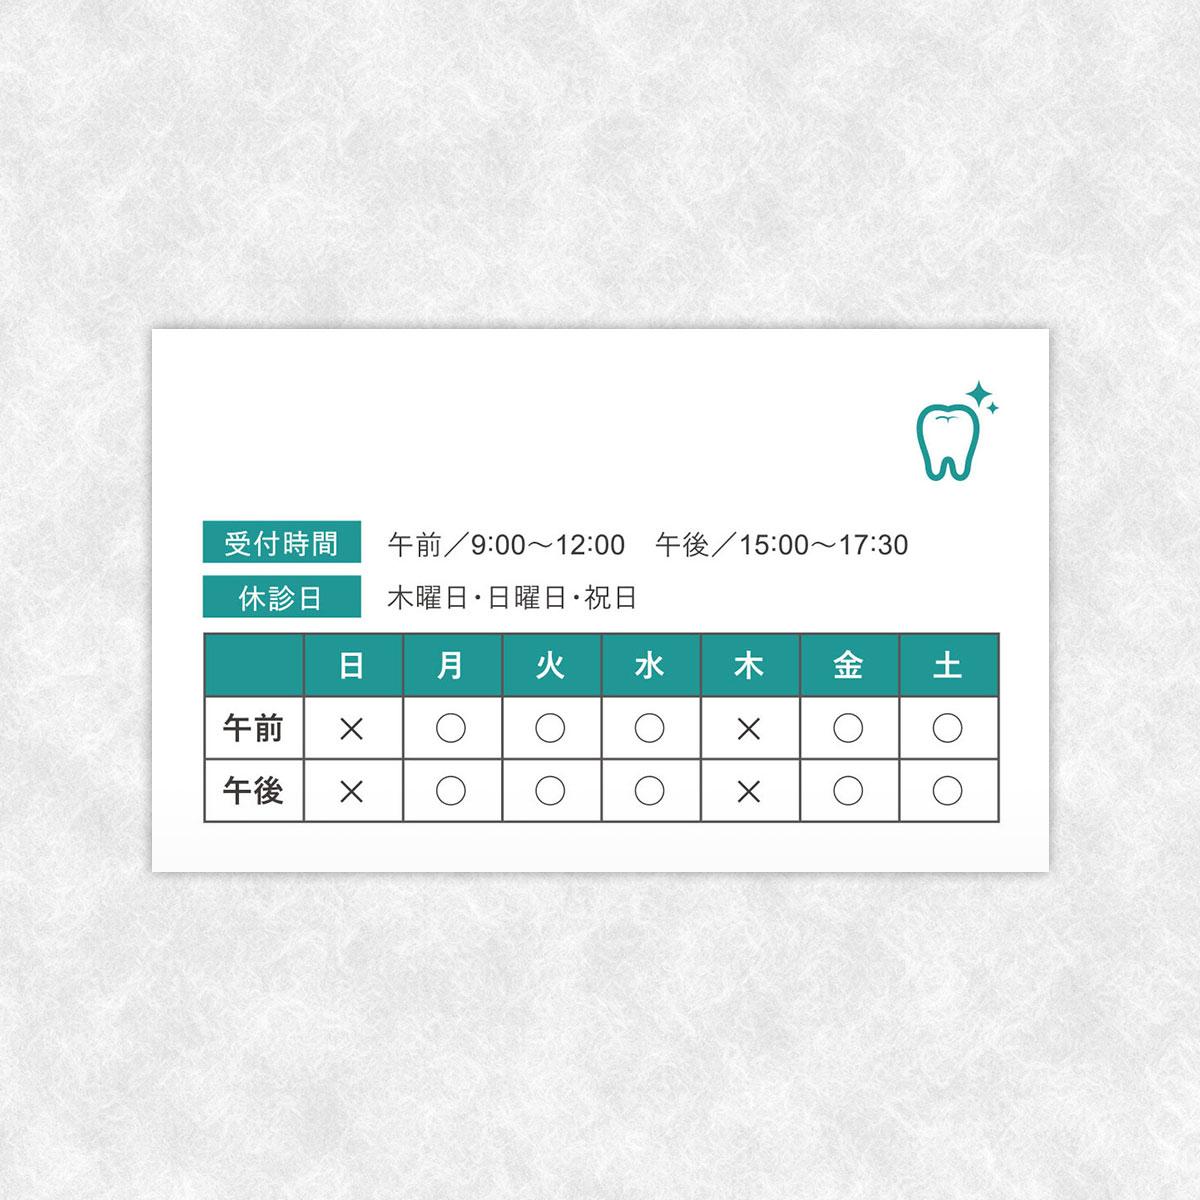 髙野歯科医院 名刺